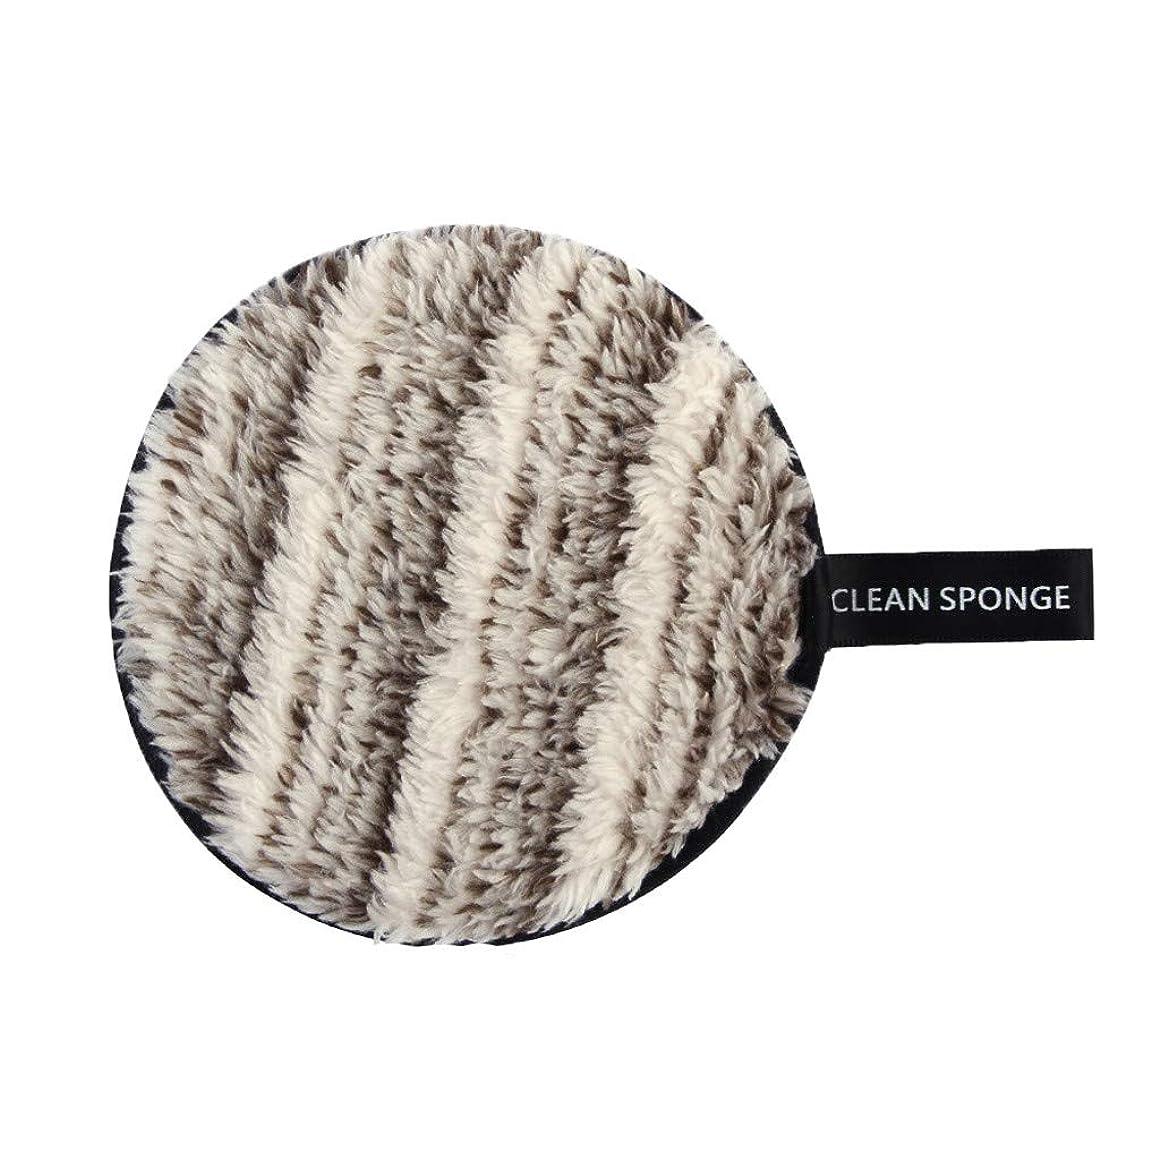 うぬぼれたチャネル分析Posmant 両面 非常に上質 繊維 化粧落とし パフ 環境に優しい 複数の色 選択できます 便利な 高品質 耐久性あり カラフル 美容 ツールファッション パーティー 多目的 マニキュア メイク 携帯便利